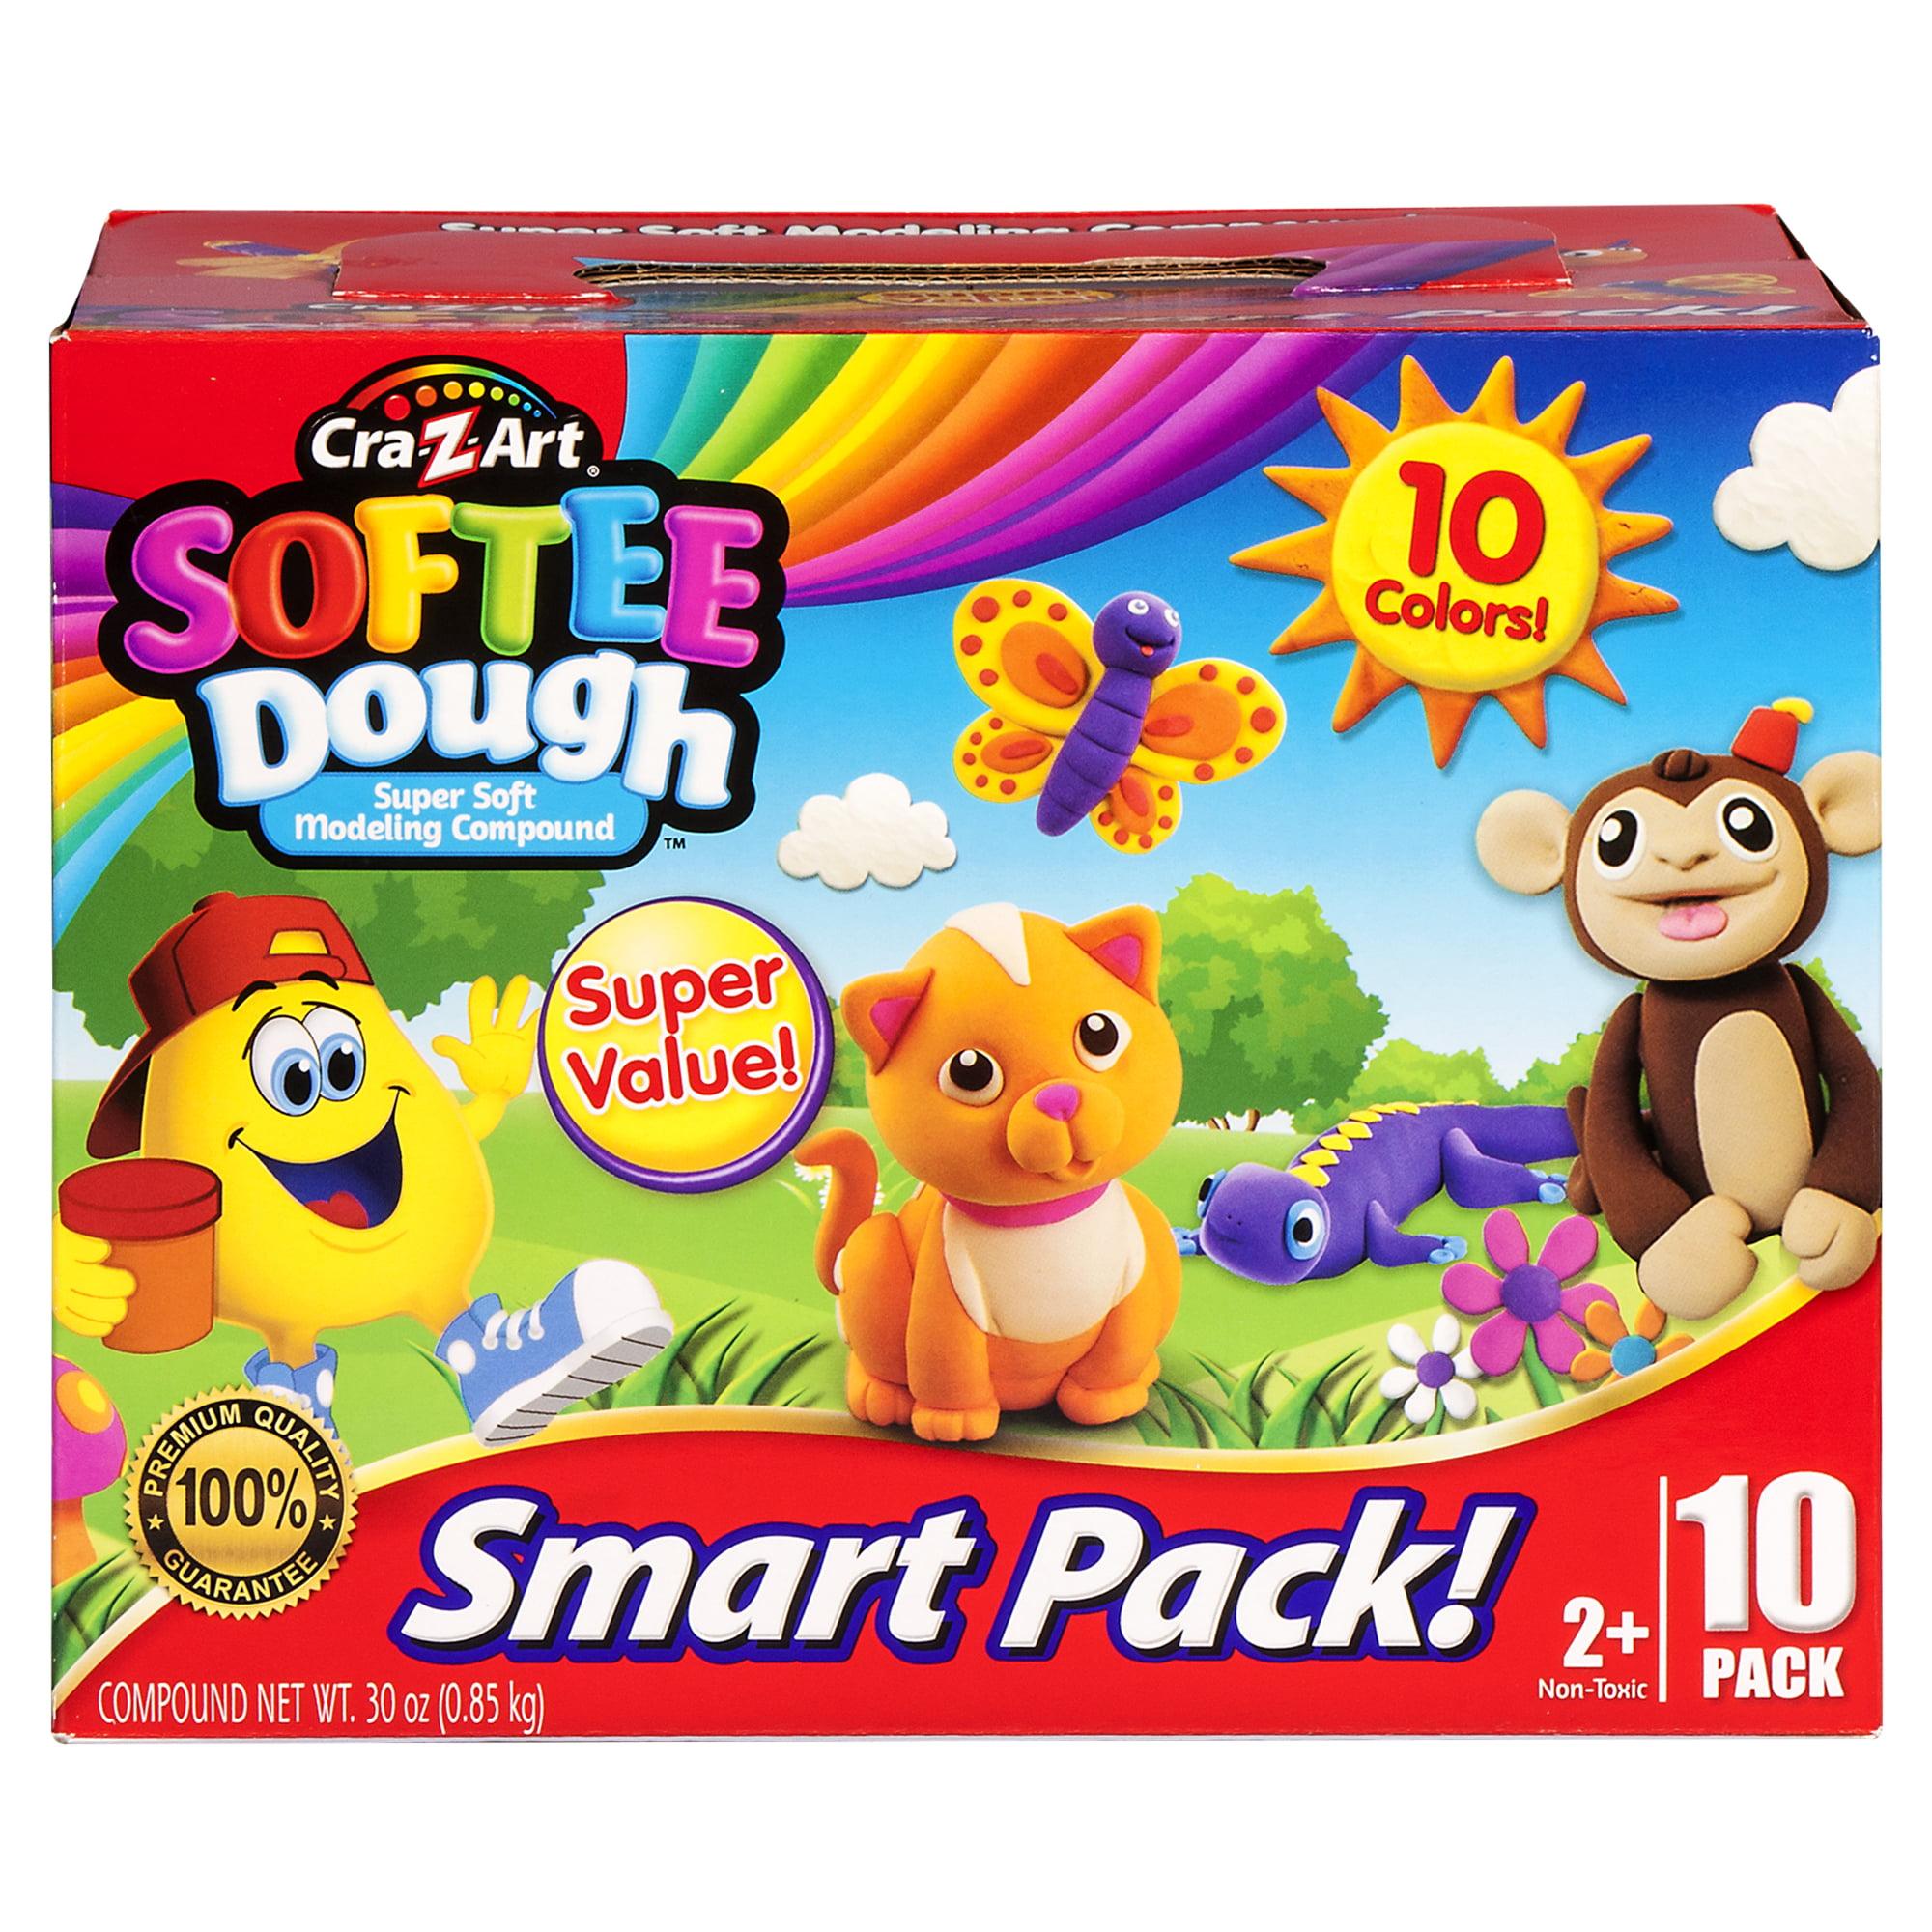 Cra-Z-Art SofteeDough 10 Pack Box